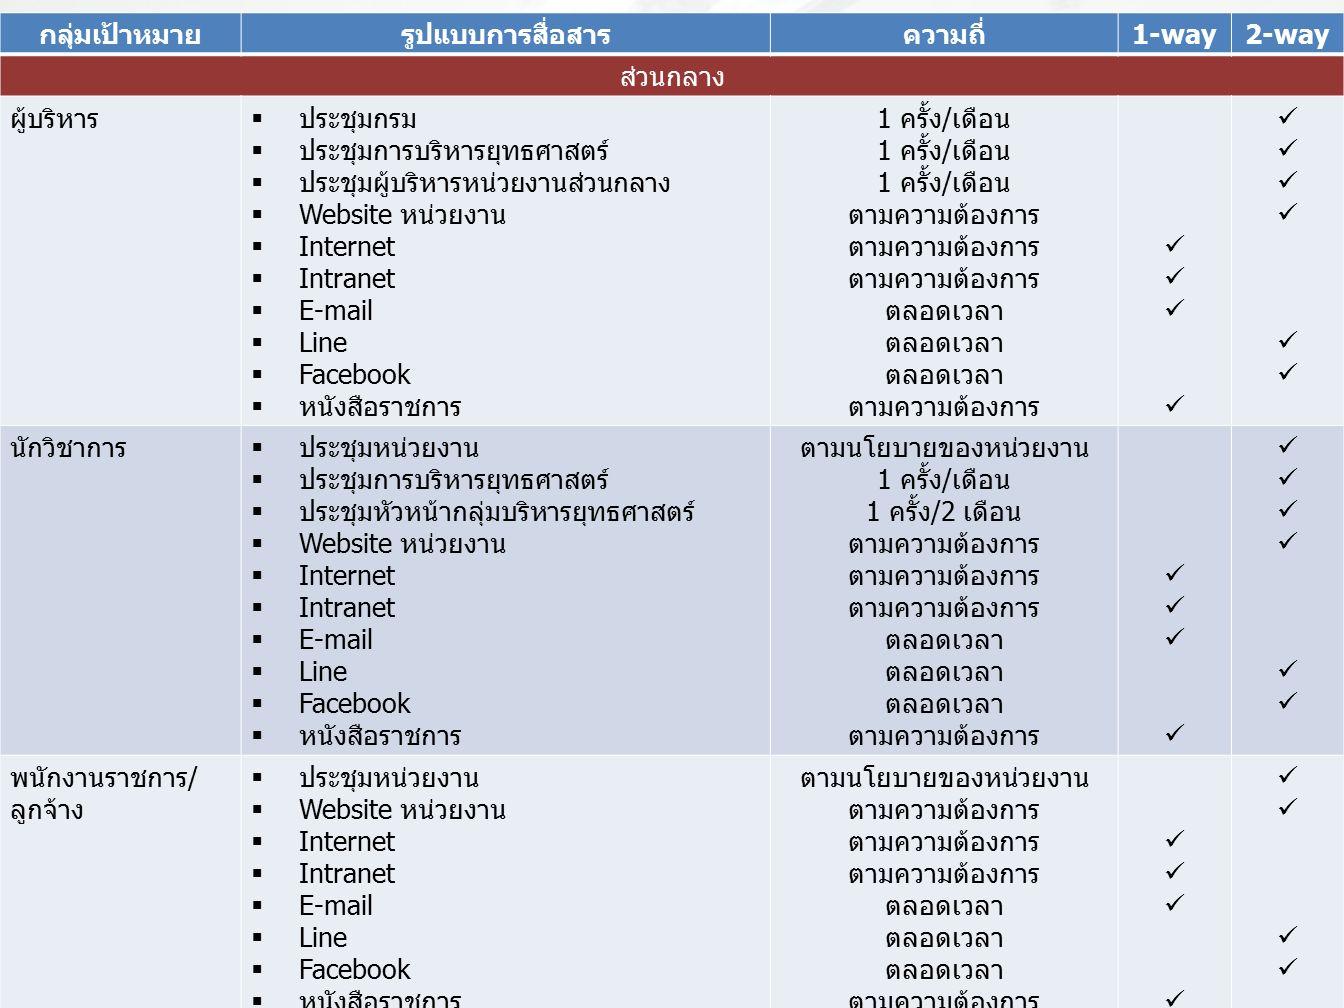 กลุ่มเป้าหมายรูปแบบการสื่อสารความถี่1-way2-way ส่วนกลาง ผู้บริหาร  ประชุมกรม  ประชุมการบริหารยุทธศาสตร์  ประชุมผู้บริหารหน่วยงานส่วนกลาง  Website หน่วยงาน  Internet  Intranet  E-mail  Line  Facebook  หนังสือราชการ 1 ครั้ง/เดือน ตามความต้องการ ตลอดเวลา ตามความต้องการ นักวิชาการ  ประชุมหน่วยงาน  ประชุมการบริหารยุทธศาสตร์  ประชุมหัวหน้ากลุ่มบริหารยุทธศาสตร์  Website หน่วยงาน  Internet  Intranet  E-mail  Line  Facebook  หนังสือราชการ ตามนโยบายของหน่วยงาน 1 ครั้ง/เดือน 1 ครั้ง/2 เดือน ตามความต้องการ ตลอดเวลา ตามความต้องการ พนักงานราชการ/ ลูกจ้าง  ประชุมหน่วยงาน  Website หน่วยงาน  Internet  Intranet  E-mail  Line  Facebook  หนังสือราชการ ตามนโยบายของหน่วยงาน ตามความต้องการ ตลอดเวลา ตามความต้องการ